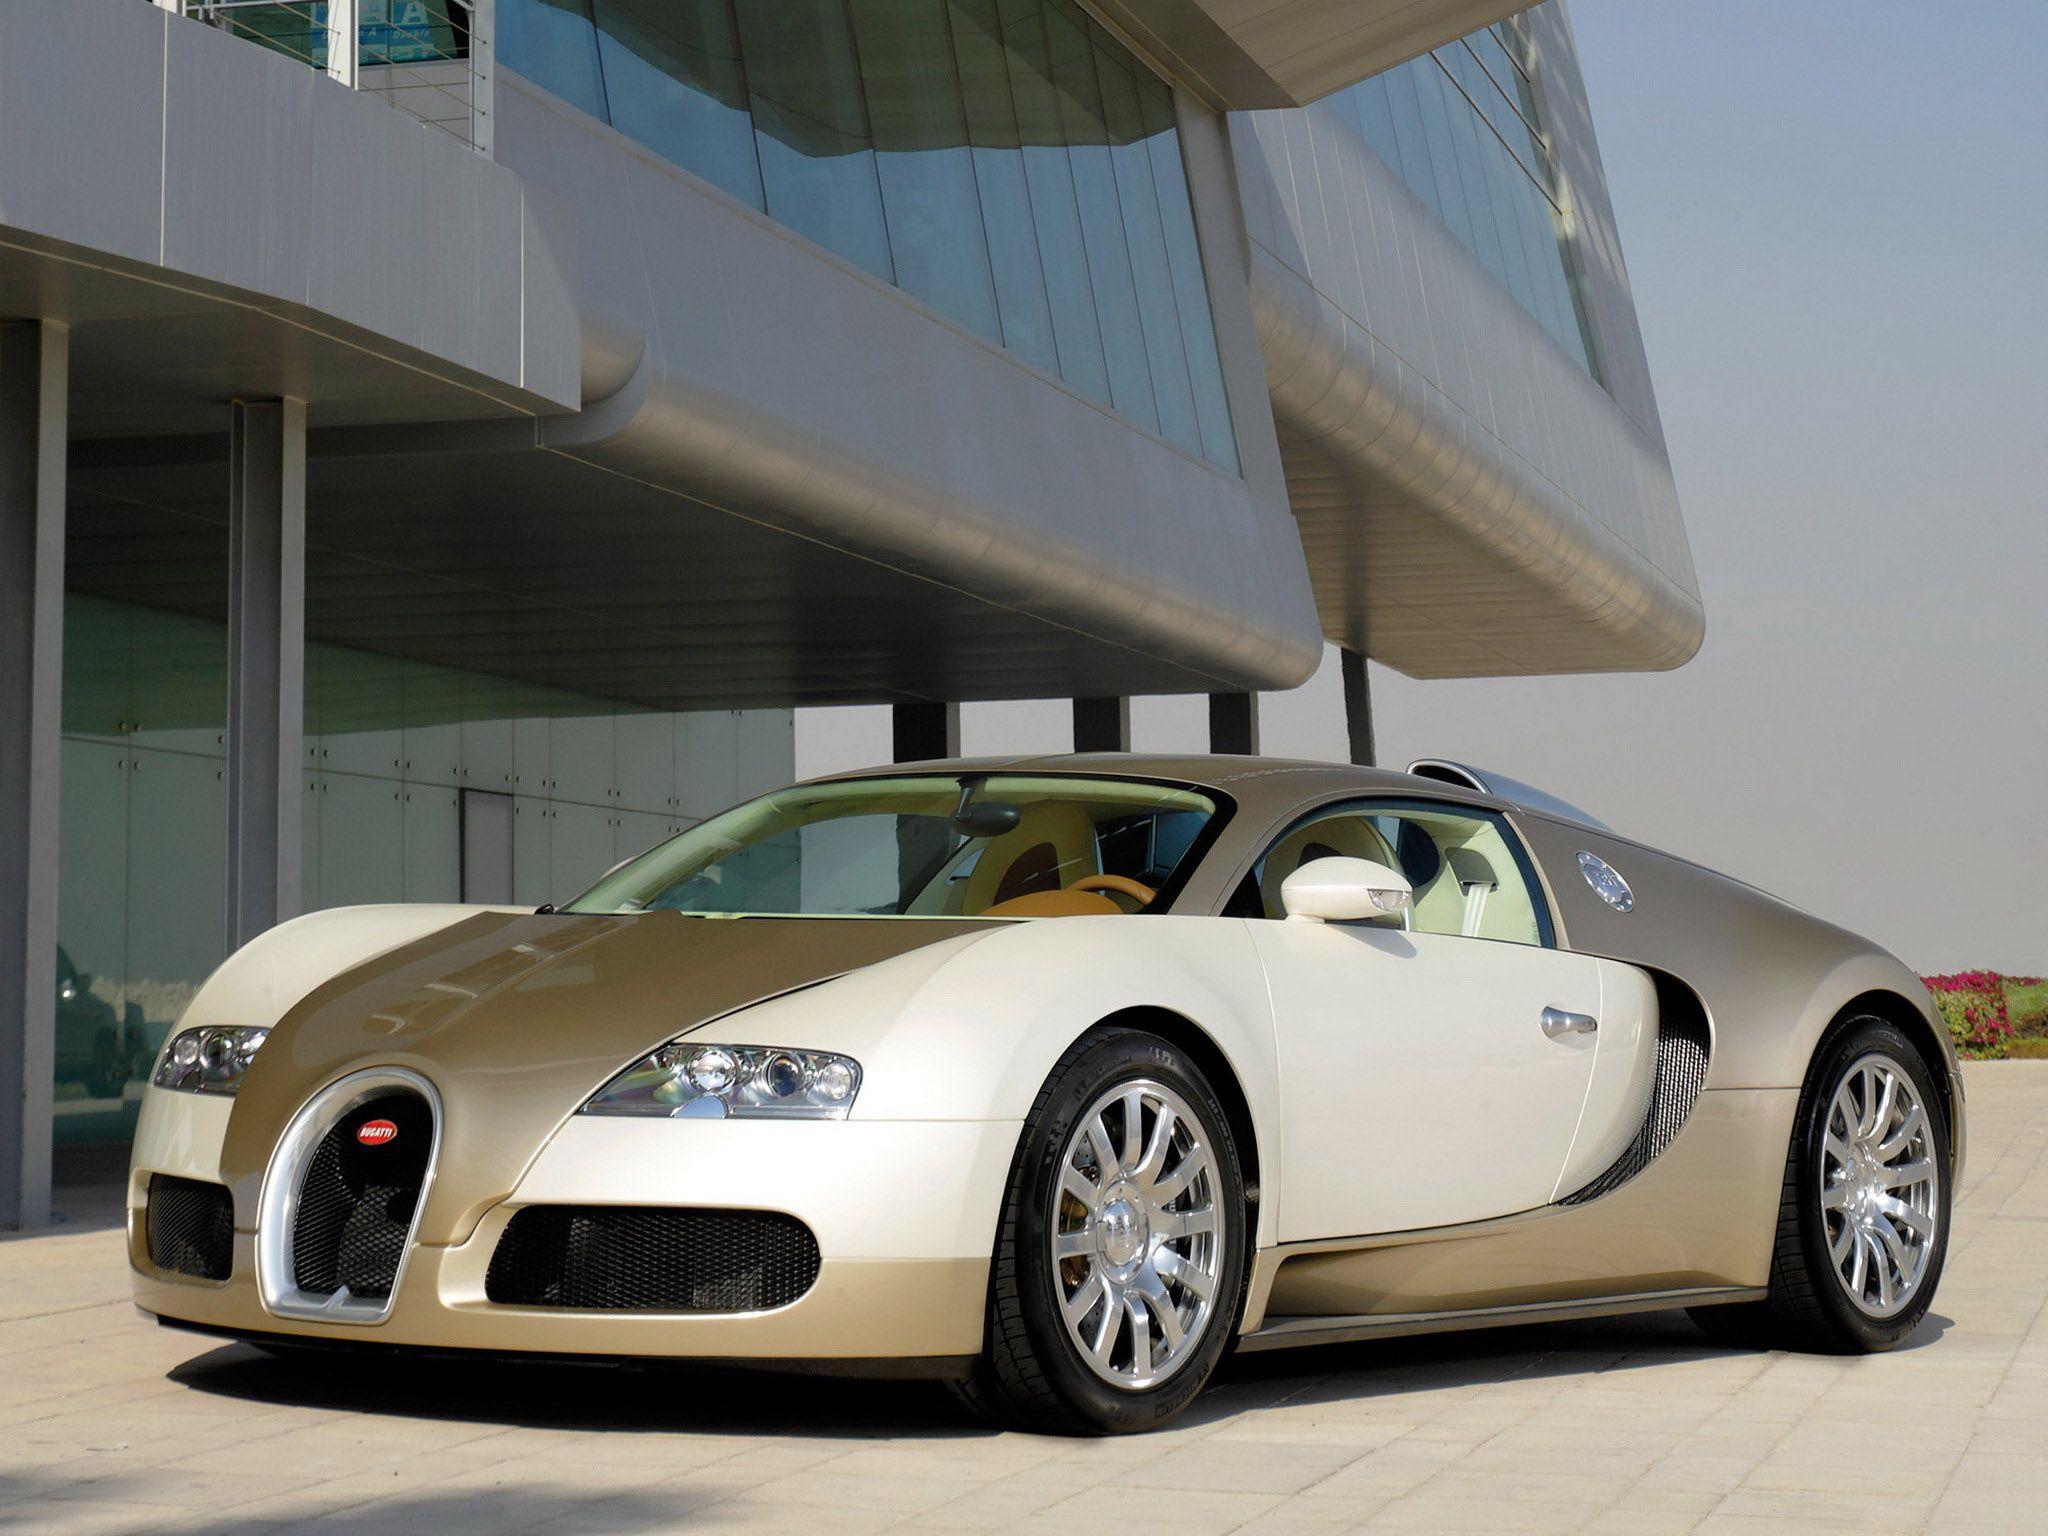 d987e9394663c81f180e551141decb4a Cozy Bugatti Veyron Rembrandt Edition Price Cars Trend